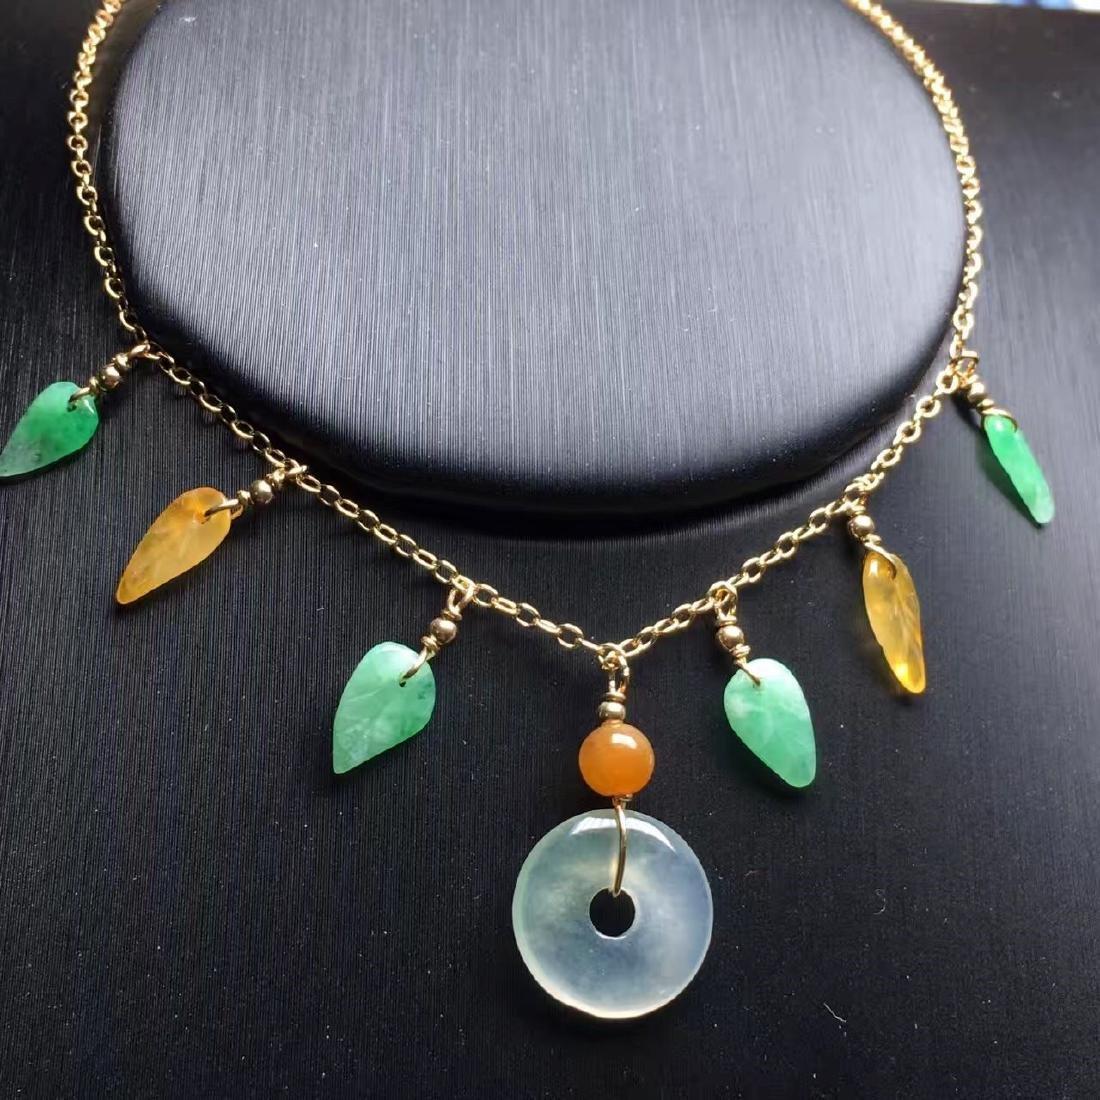 18K Gold Jadeite Necklace